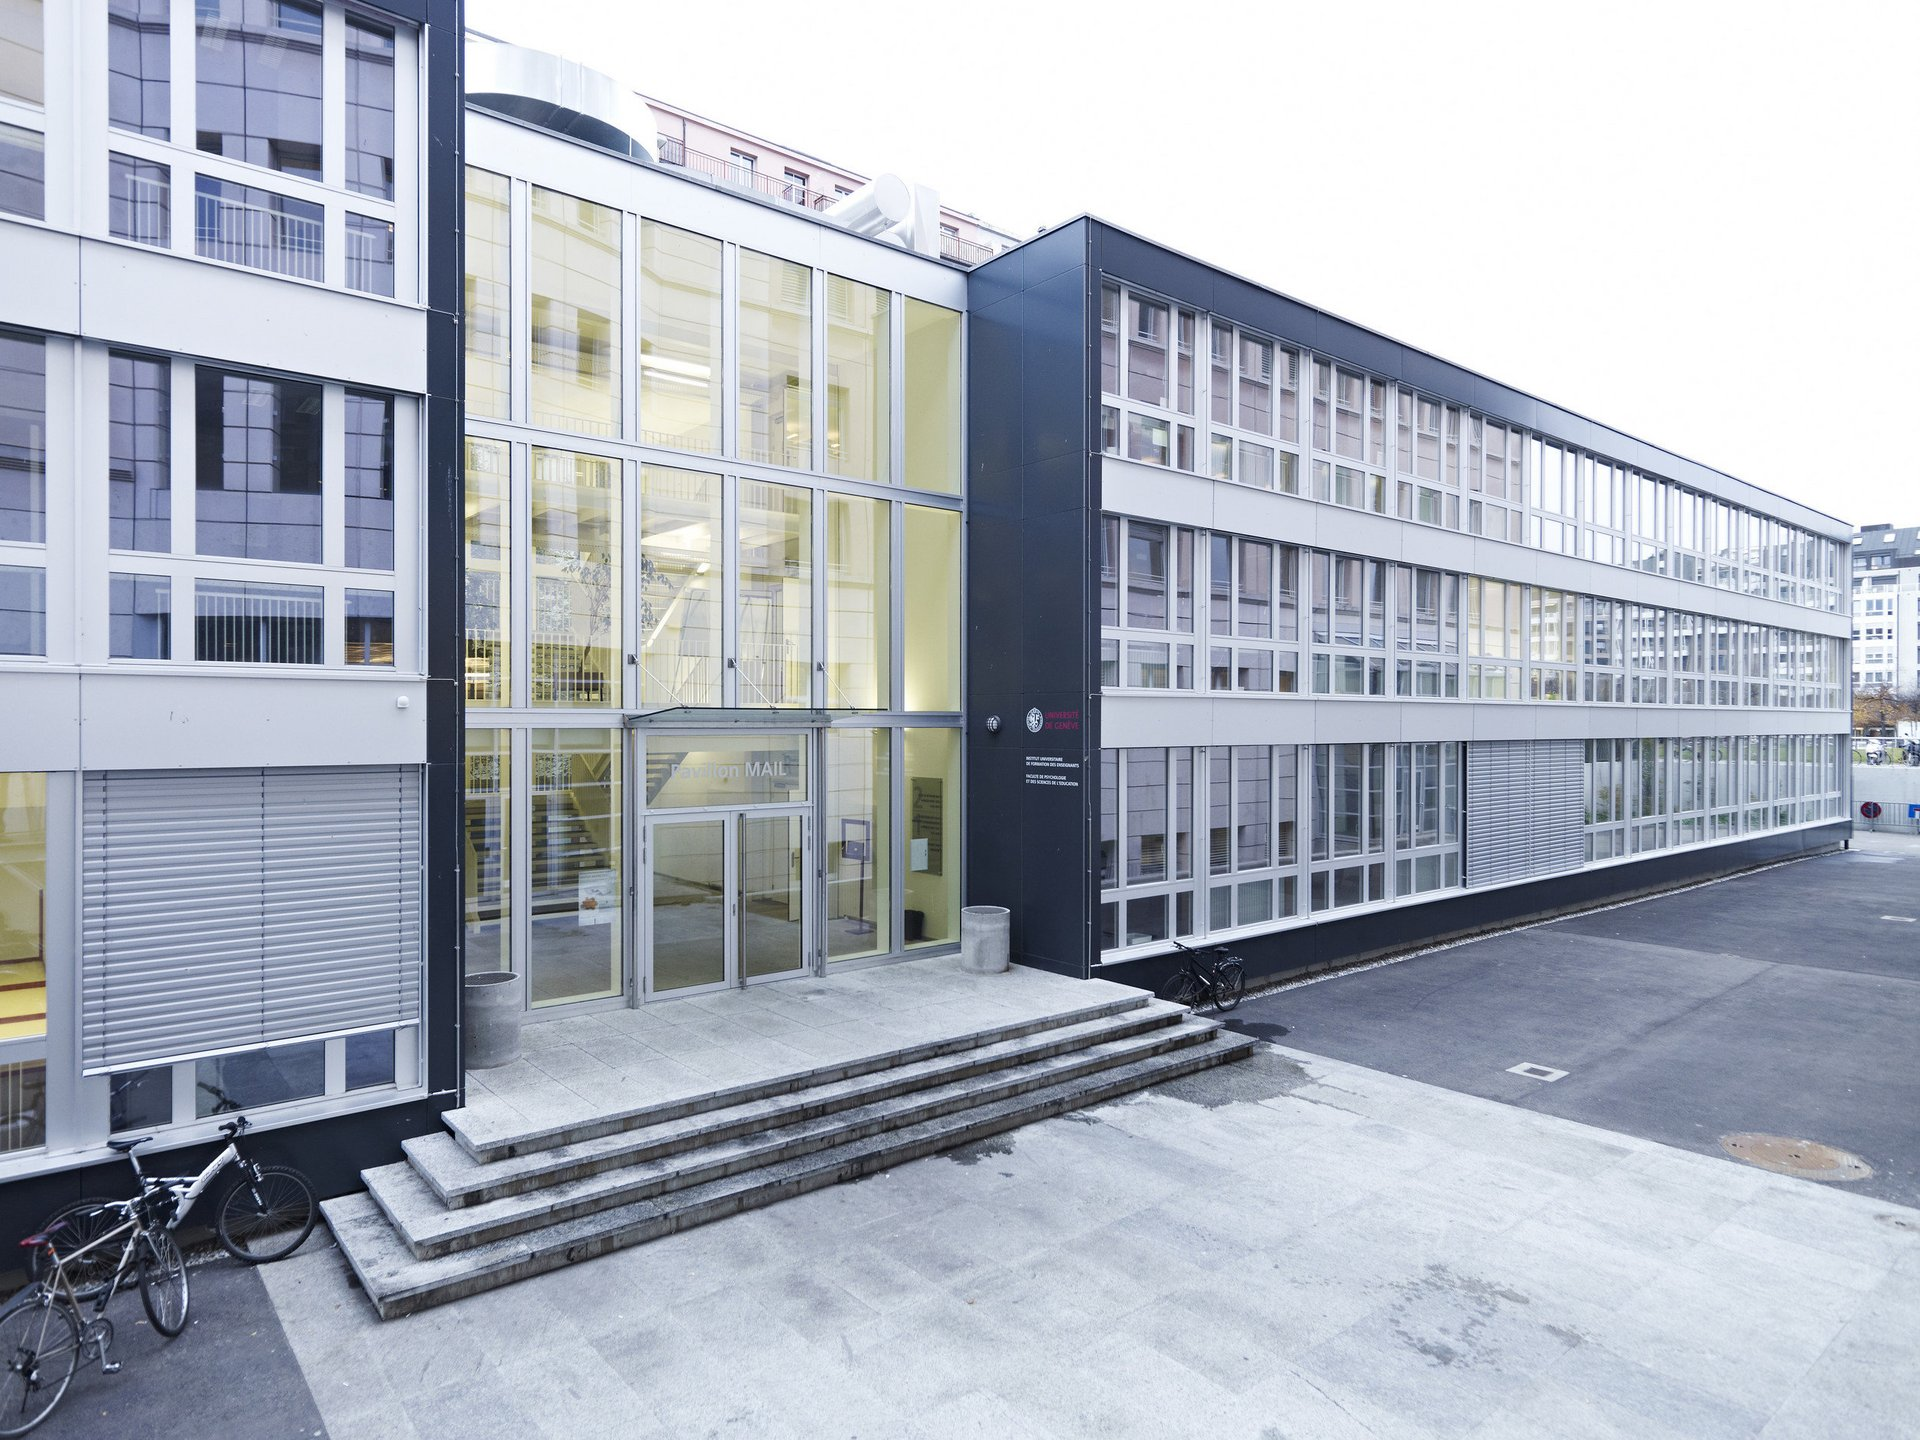 Verwaltungsgebäude mit 6-teiligen Sprossenfenstern aus Holz-Metall